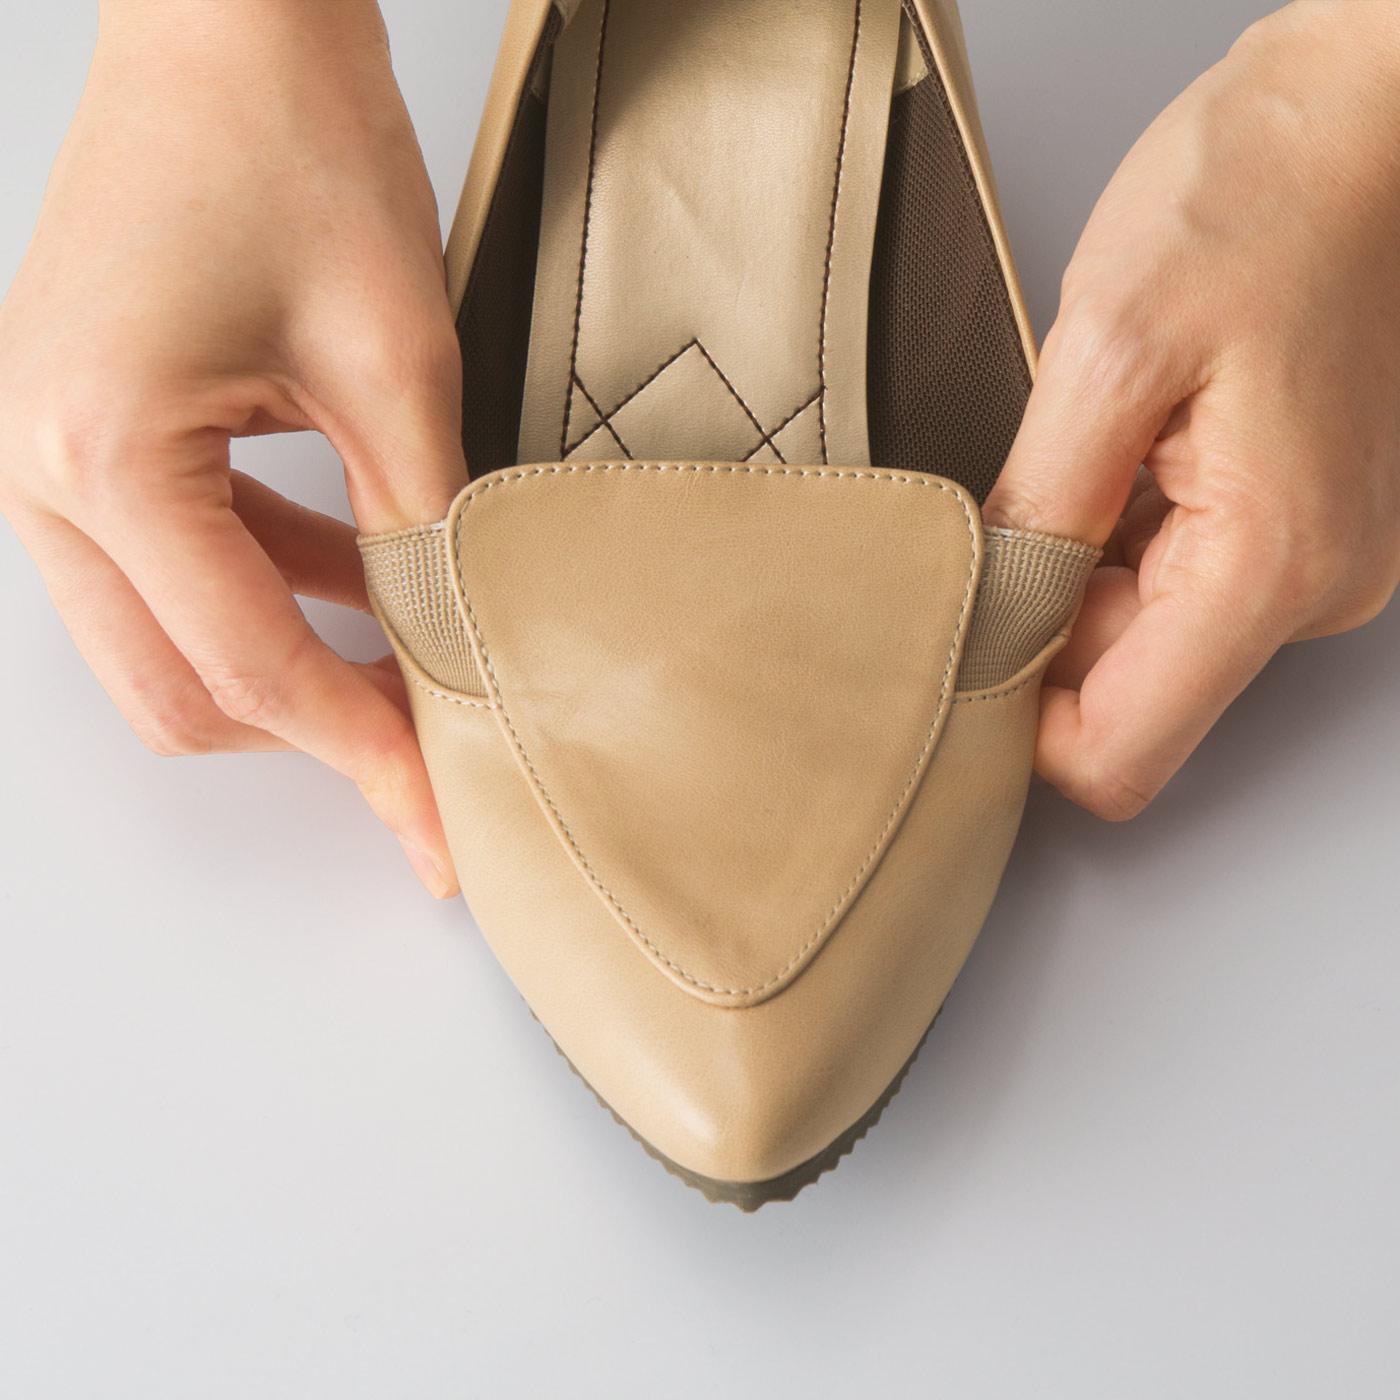 【幅広さんも痛くない】履き口は横にも伸びるから幅広さんの足にもらくちんフィット。